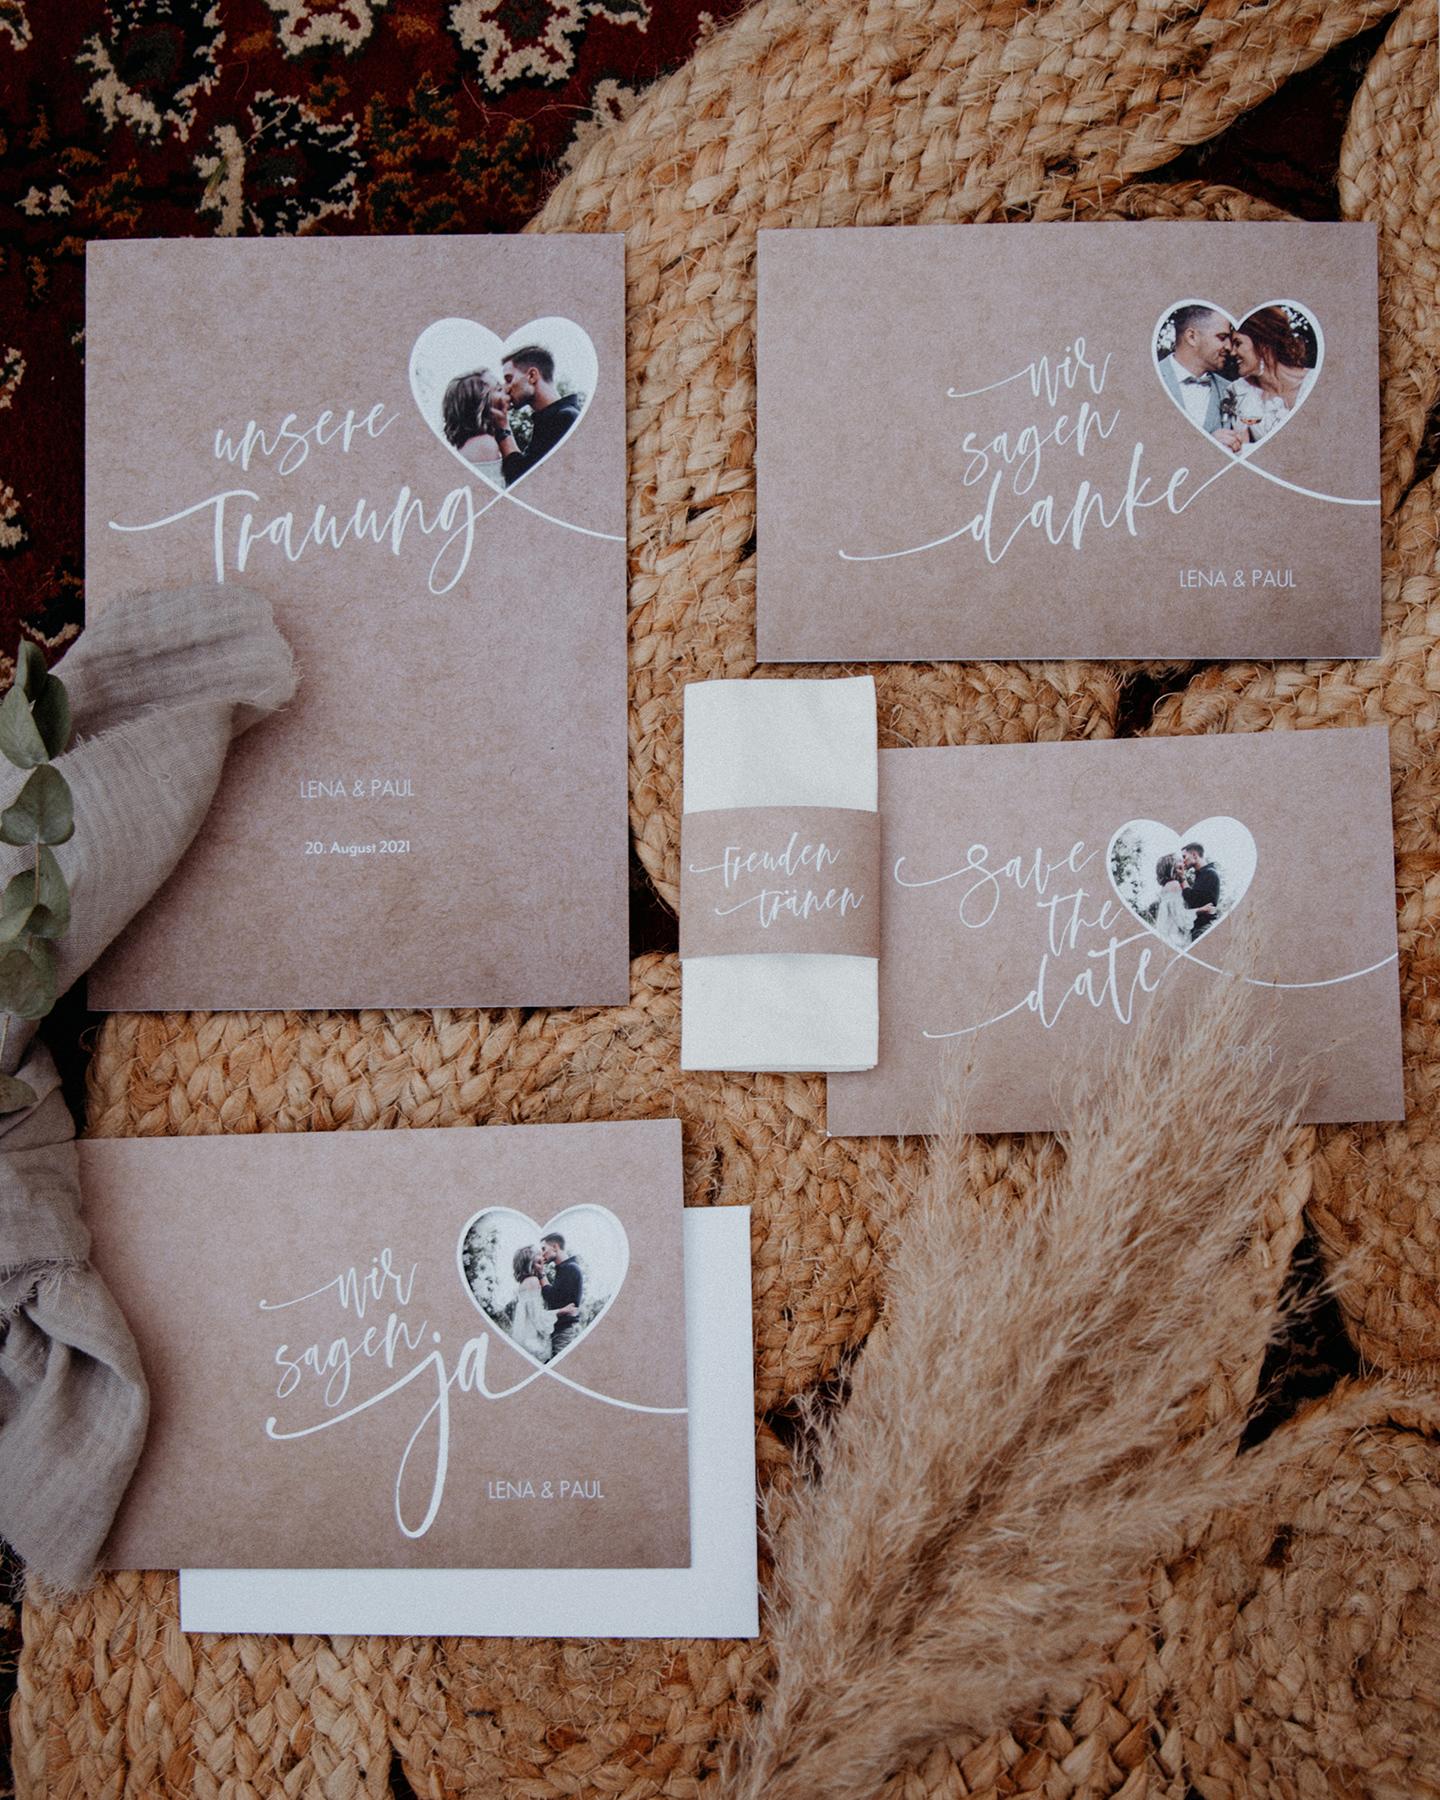 Hochzeitspapeterie im Kraftpapier-Look mit ausgestanztem Herz für Hochzeitsfoto.